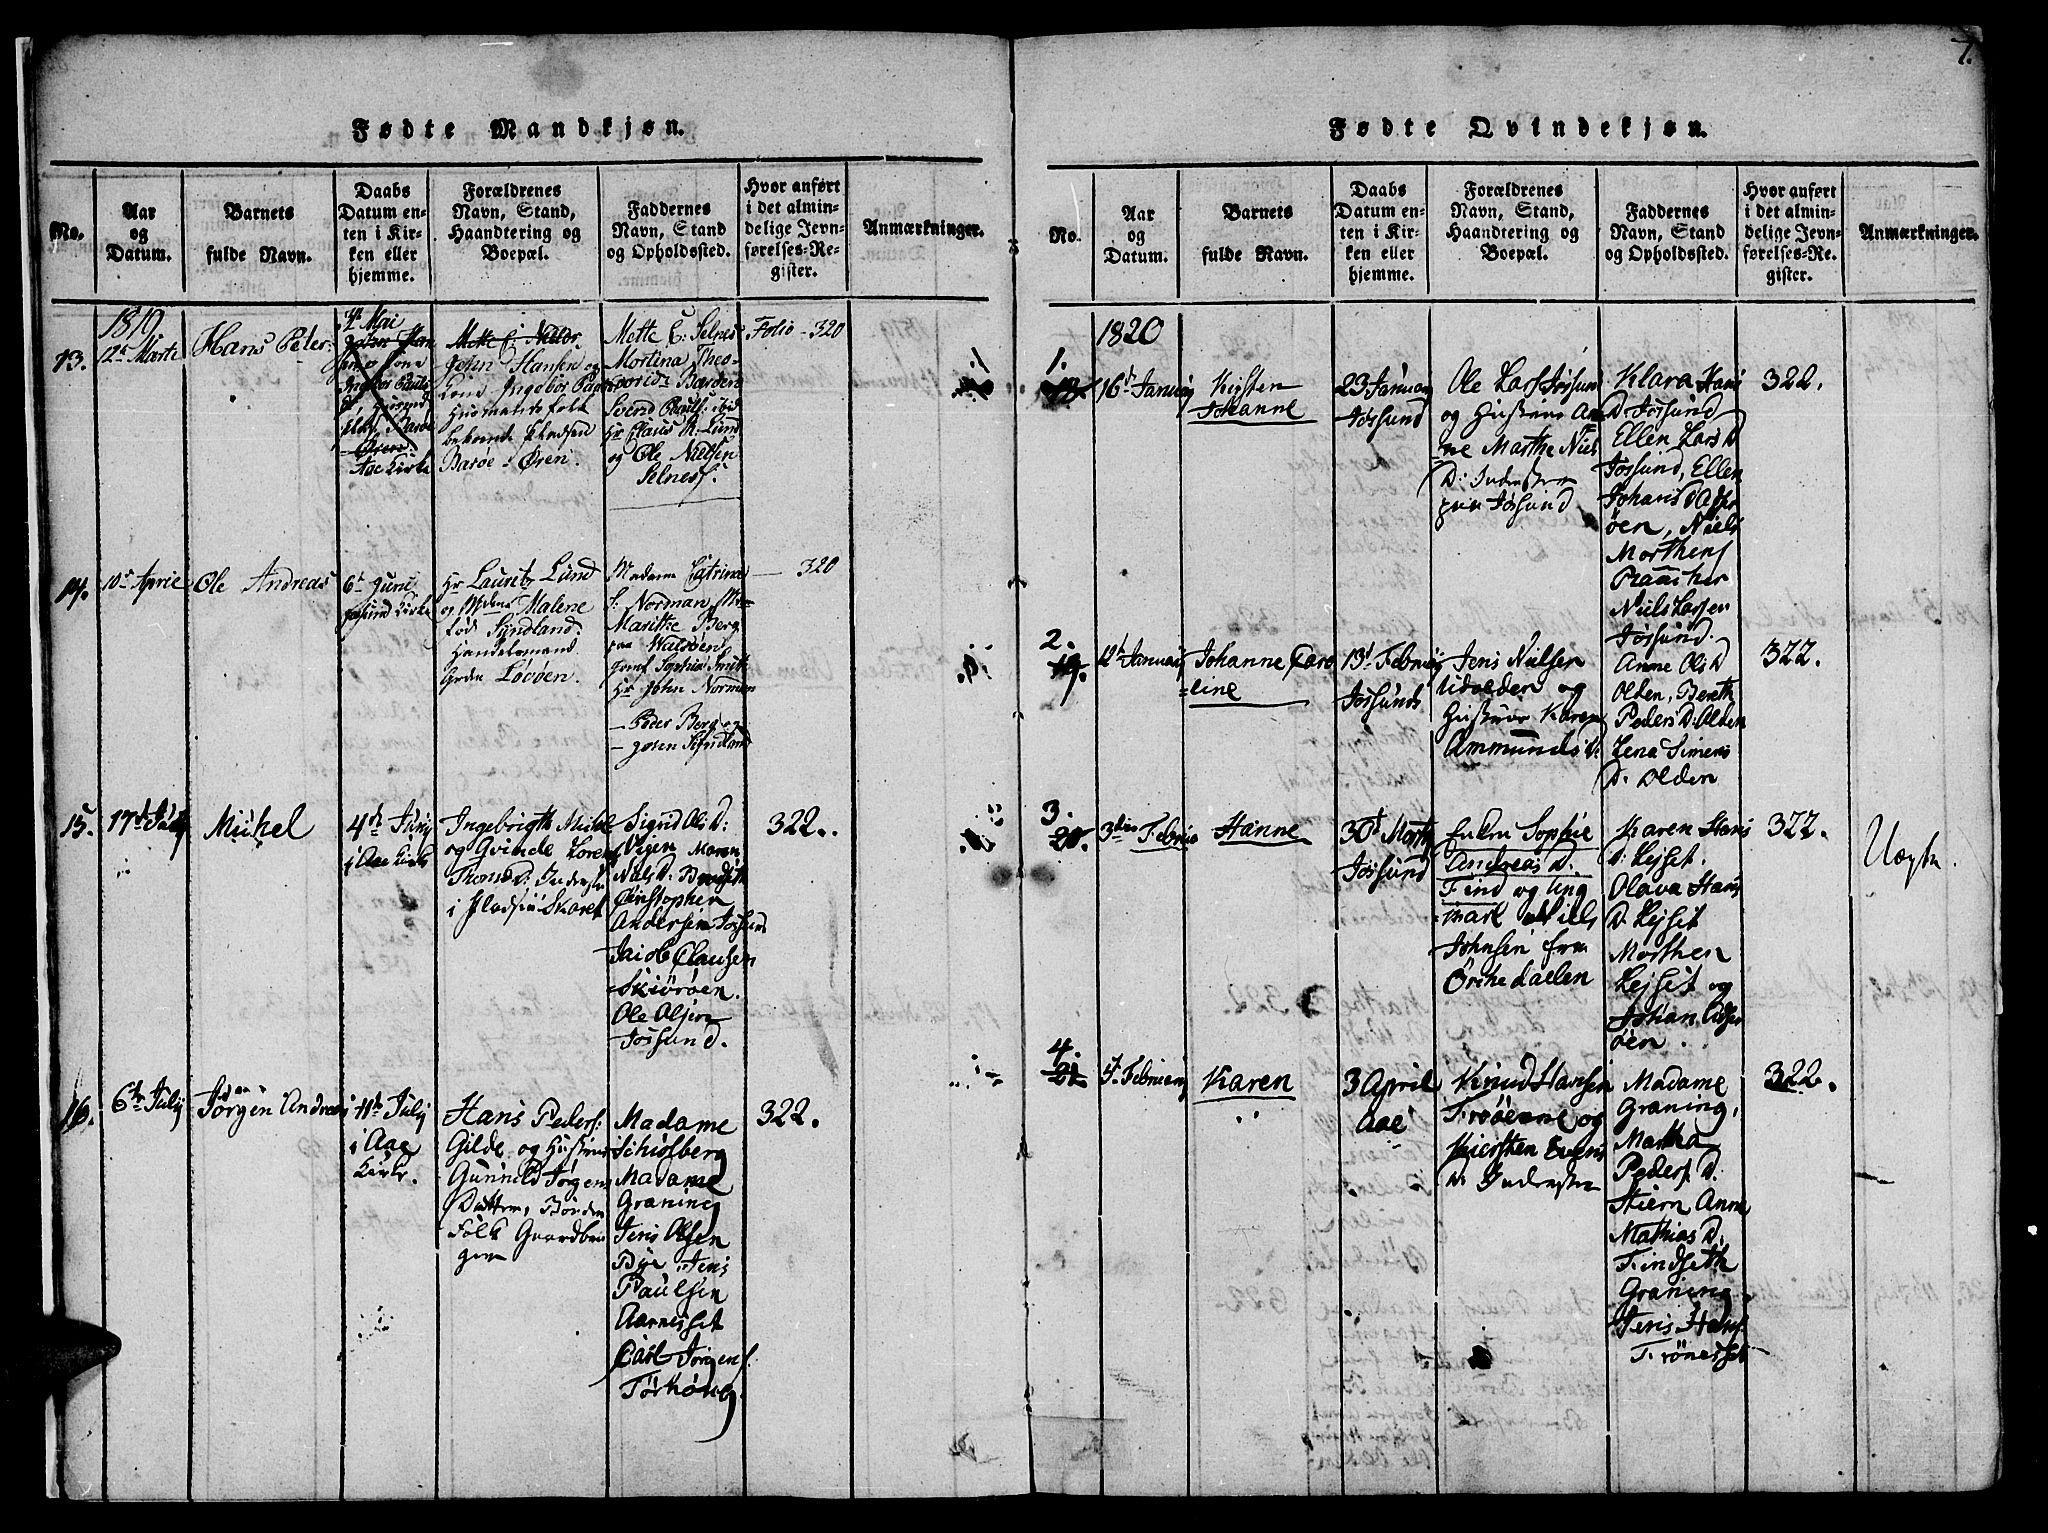 SAT, Ministerialprotokoller, klokkerbøker og fødselsregistre - Sør-Trøndelag, 655/L0675: Ministerialbok nr. 655A04, 1818-1830, s. 7